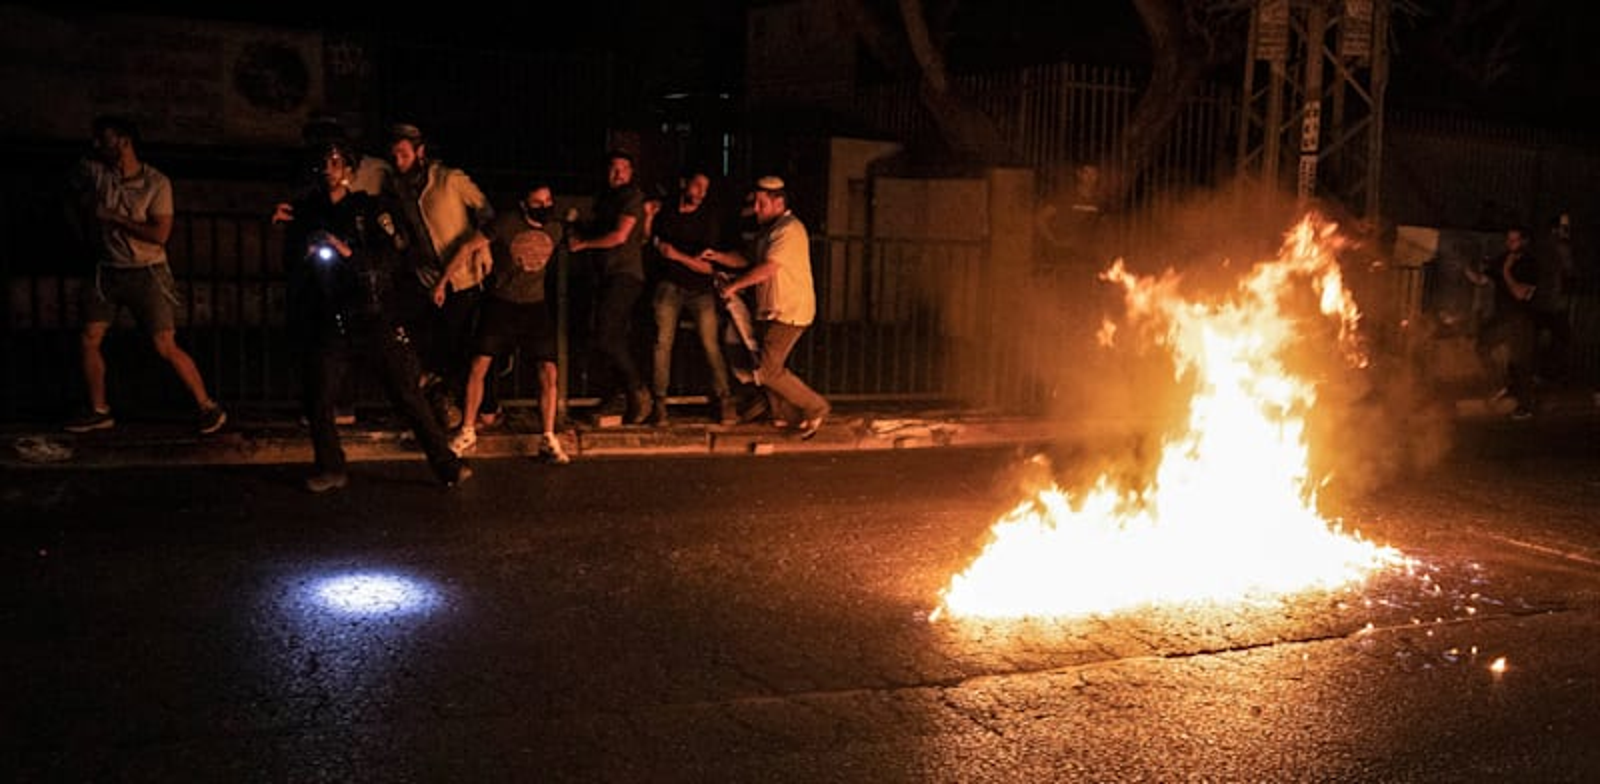 מהומות בלוד / צילום: Reuters, Oren Ziv/dpa